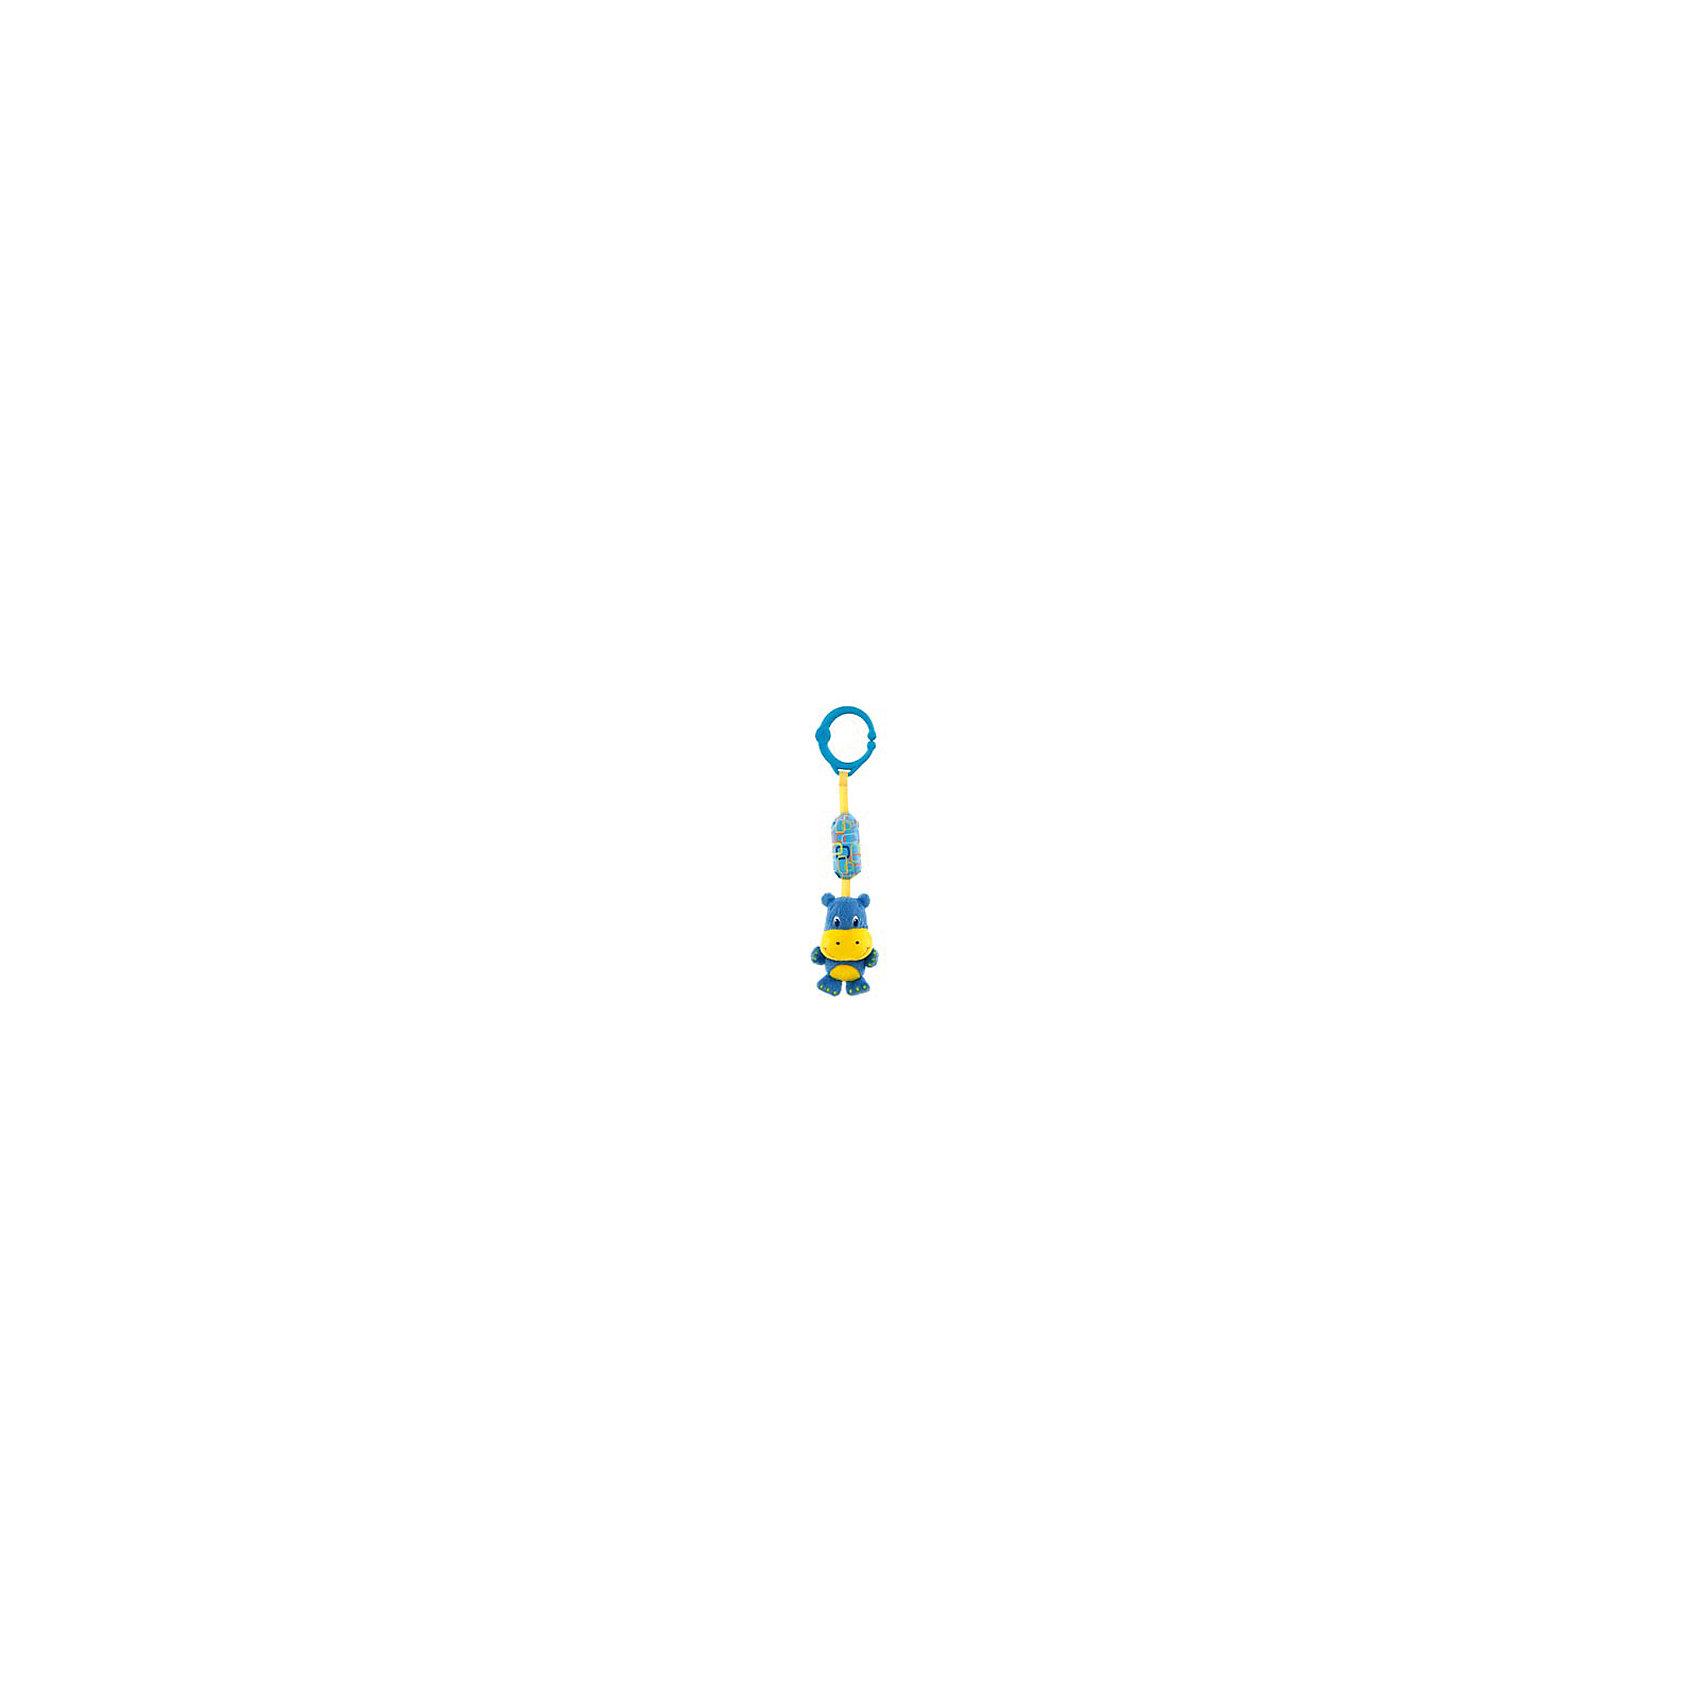 Развивающая игрушка Звонкий дружок, Гиппопотам, Bright StartsРазвивающие игрушки<br>Развивающая игрушка Звонкий дружок, Гиппопотам от знаменитого американского бренда Bright Starts (Брайт стартс). Яркая и веселая плюшевая игрушка в виде гиппопотама изготовленного из разного типа текстур делает игру малыша еще интереснее! Гиппопотам издает звенящие звуки, а если за него потянуть, то он будет вибрировать. Игрушка поможет развить звуковое, цветовое и тактильное восприятие ребенка. Кроме того, у нее имеется удобное крепление, что позволяет закрепить ее на коляску, переноску или интерактивный коврик.<br>- Дополнительная информация:<br>- Материал: пластик, текстиль<br>- Размер 8 * 5,5 * 25 см.<br><br>Развивающую игрушку «Звонкий дружок, Гиппопотам, Bright Starts можно купить в нашем интернет-магазине.<br><br>Подробнее:<br>• Для детей в возрасте: от 0 месяцев до 1 года<br>• Номер товара: 4918359<br>Страна производитель: Китай<br><br>Ширина мм: 90<br>Глубина мм: 280<br>Высота мм: 30<br>Вес г: 76<br>Возраст от месяцев: 0<br>Возраст до месяцев: 12<br>Пол: Унисекс<br>Возраст: Детский<br>SKU: 4918359